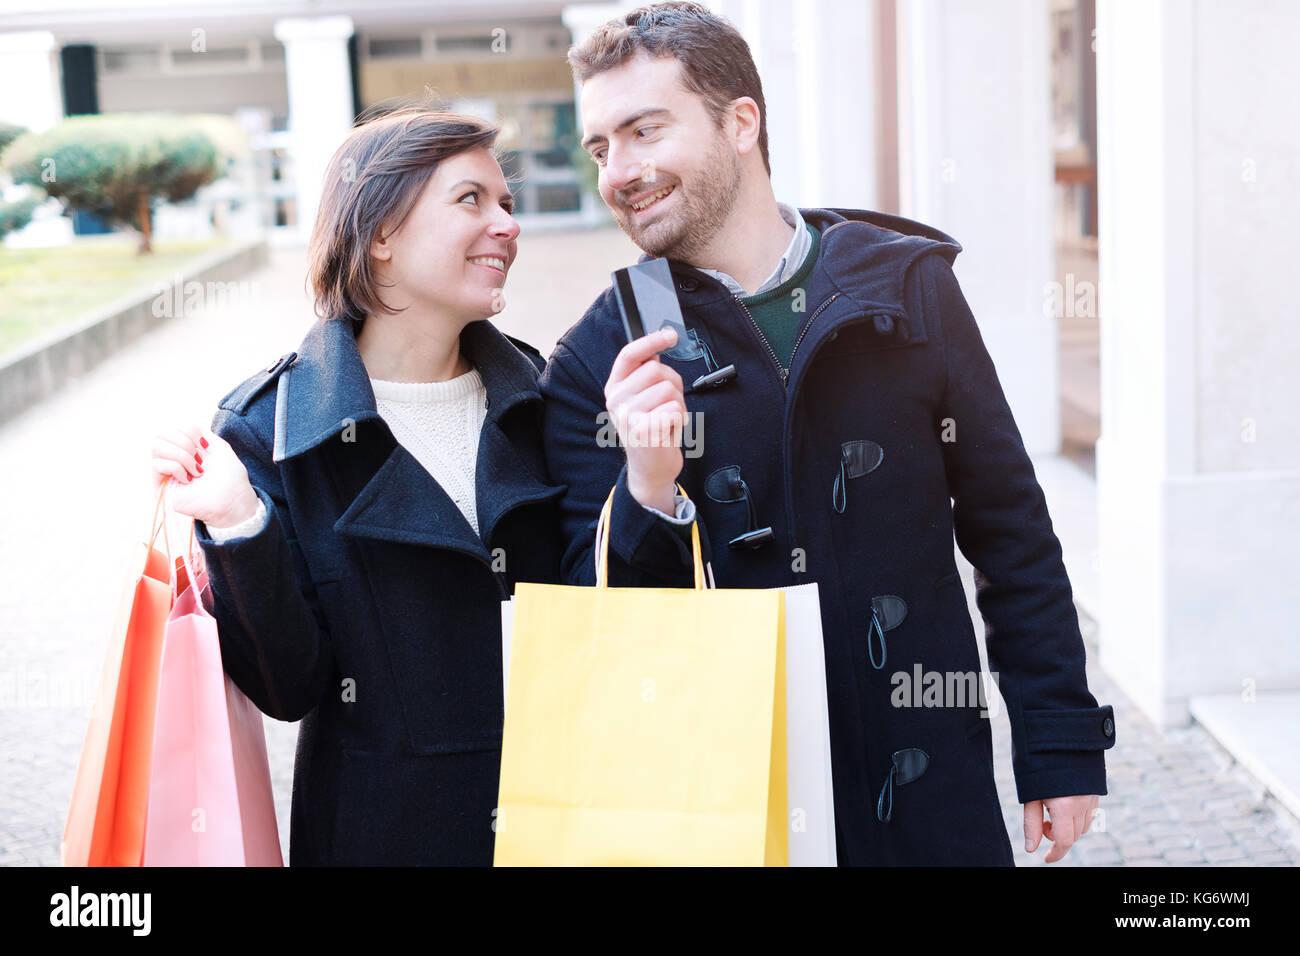 Hombre sujetando un tarjeta de crédito preparada para el tiempo de compras con su novia Imagen De Stock